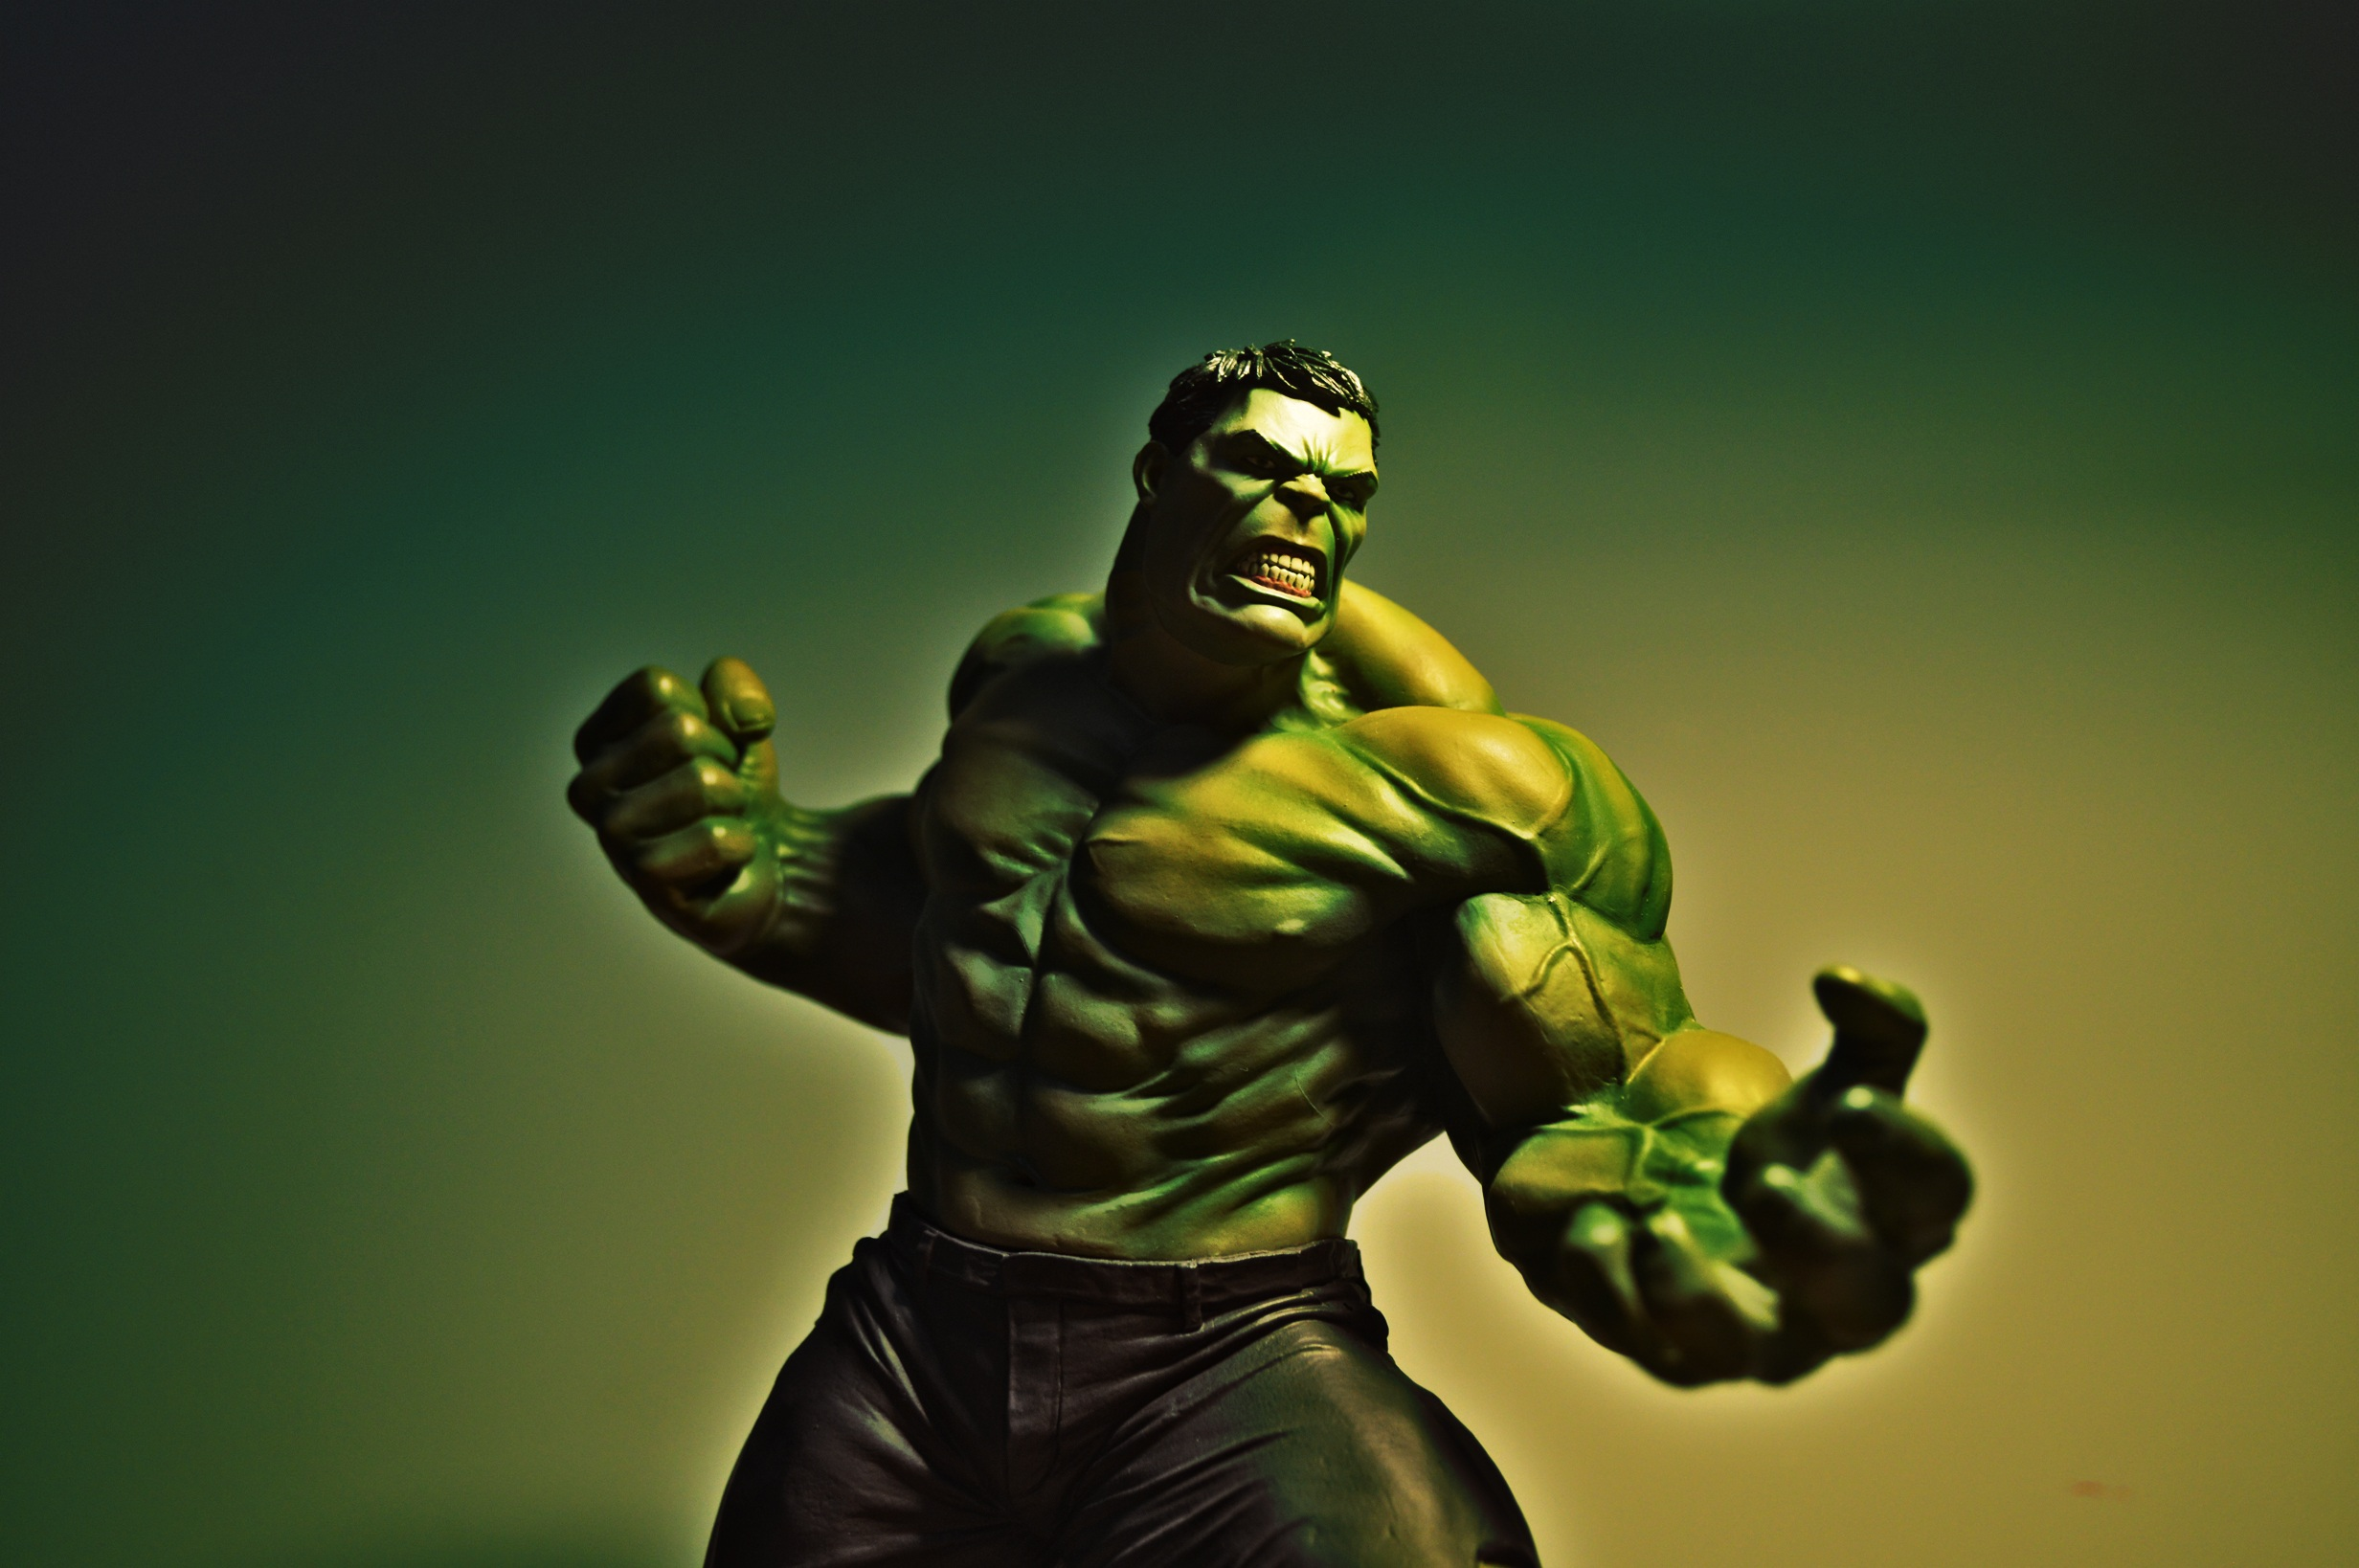 绿巨人, 奇迹, 超级英雄, 力, 肌肉 - 高清壁纸 - 教授-falken.com